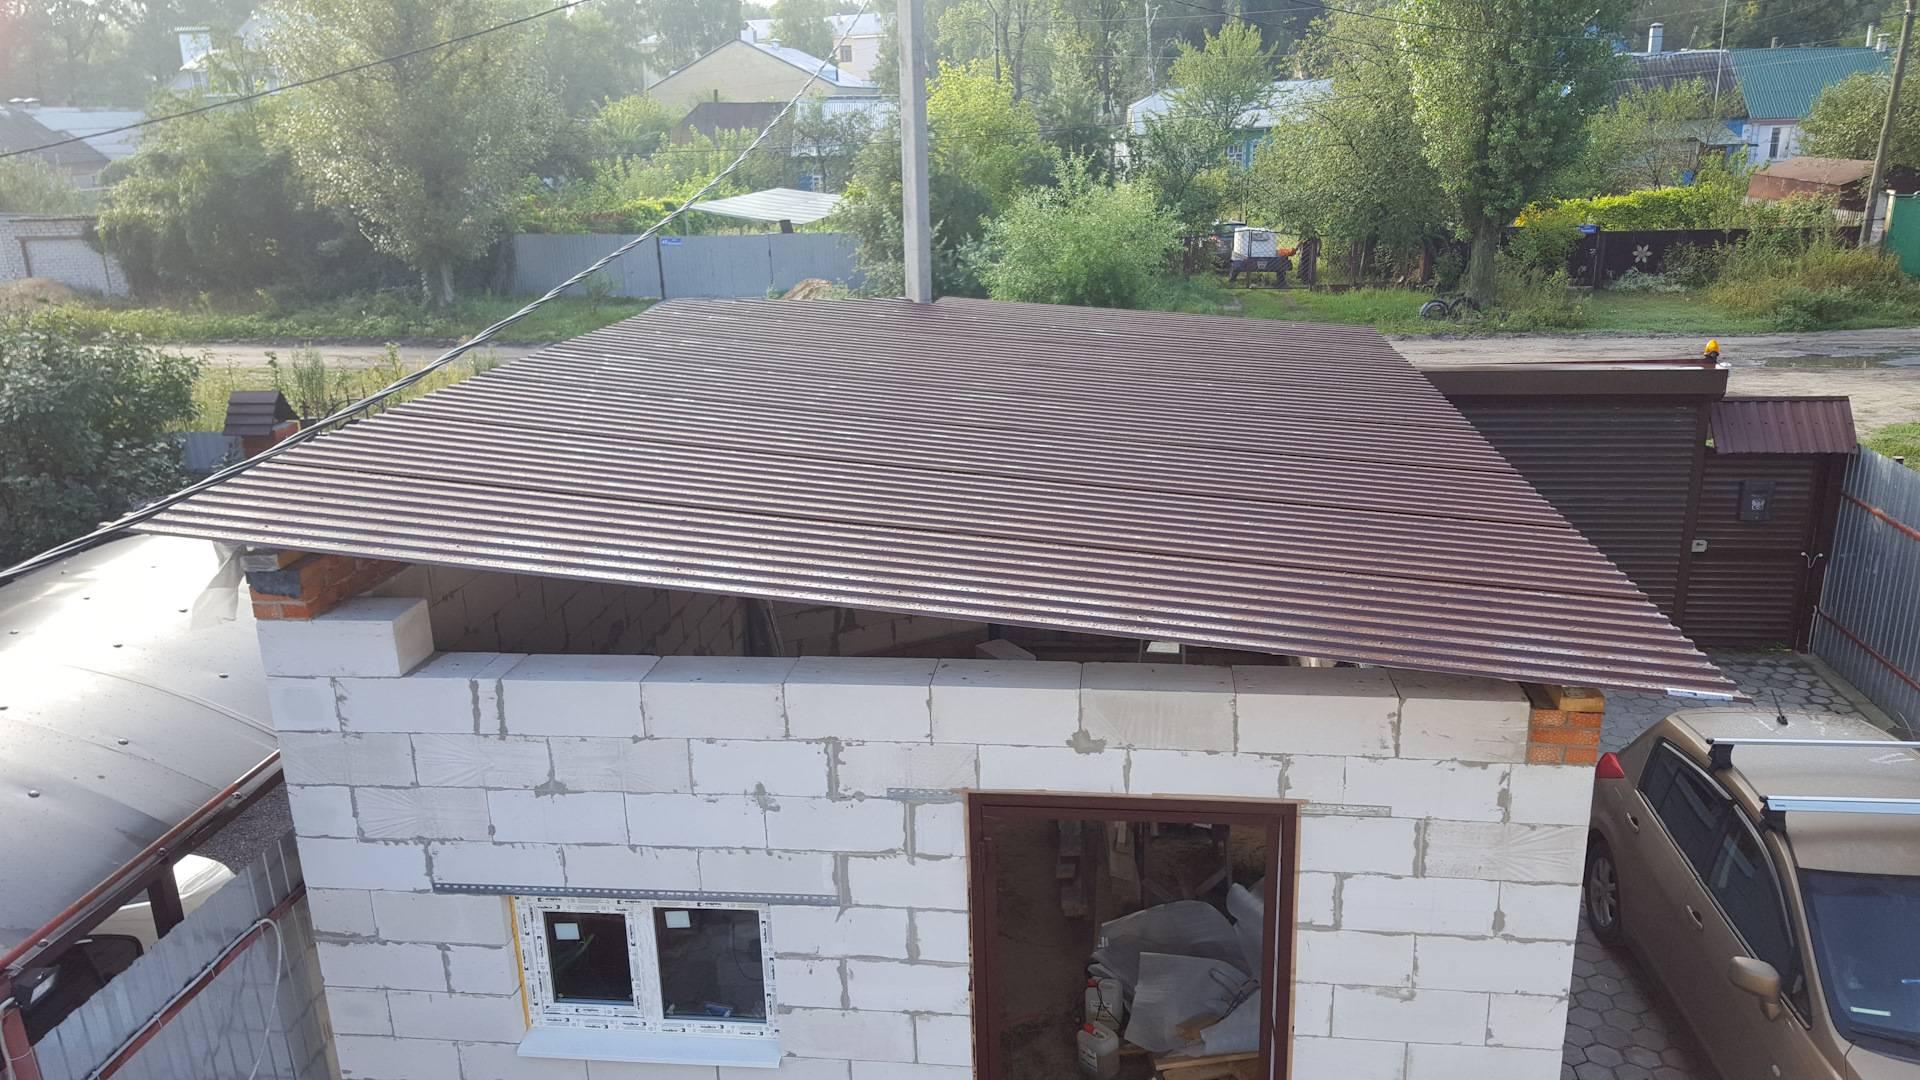 Односкатная крыша для гаража, как правильно сделать, в том числе своими руками, а также особенности ее устройства и монтажа